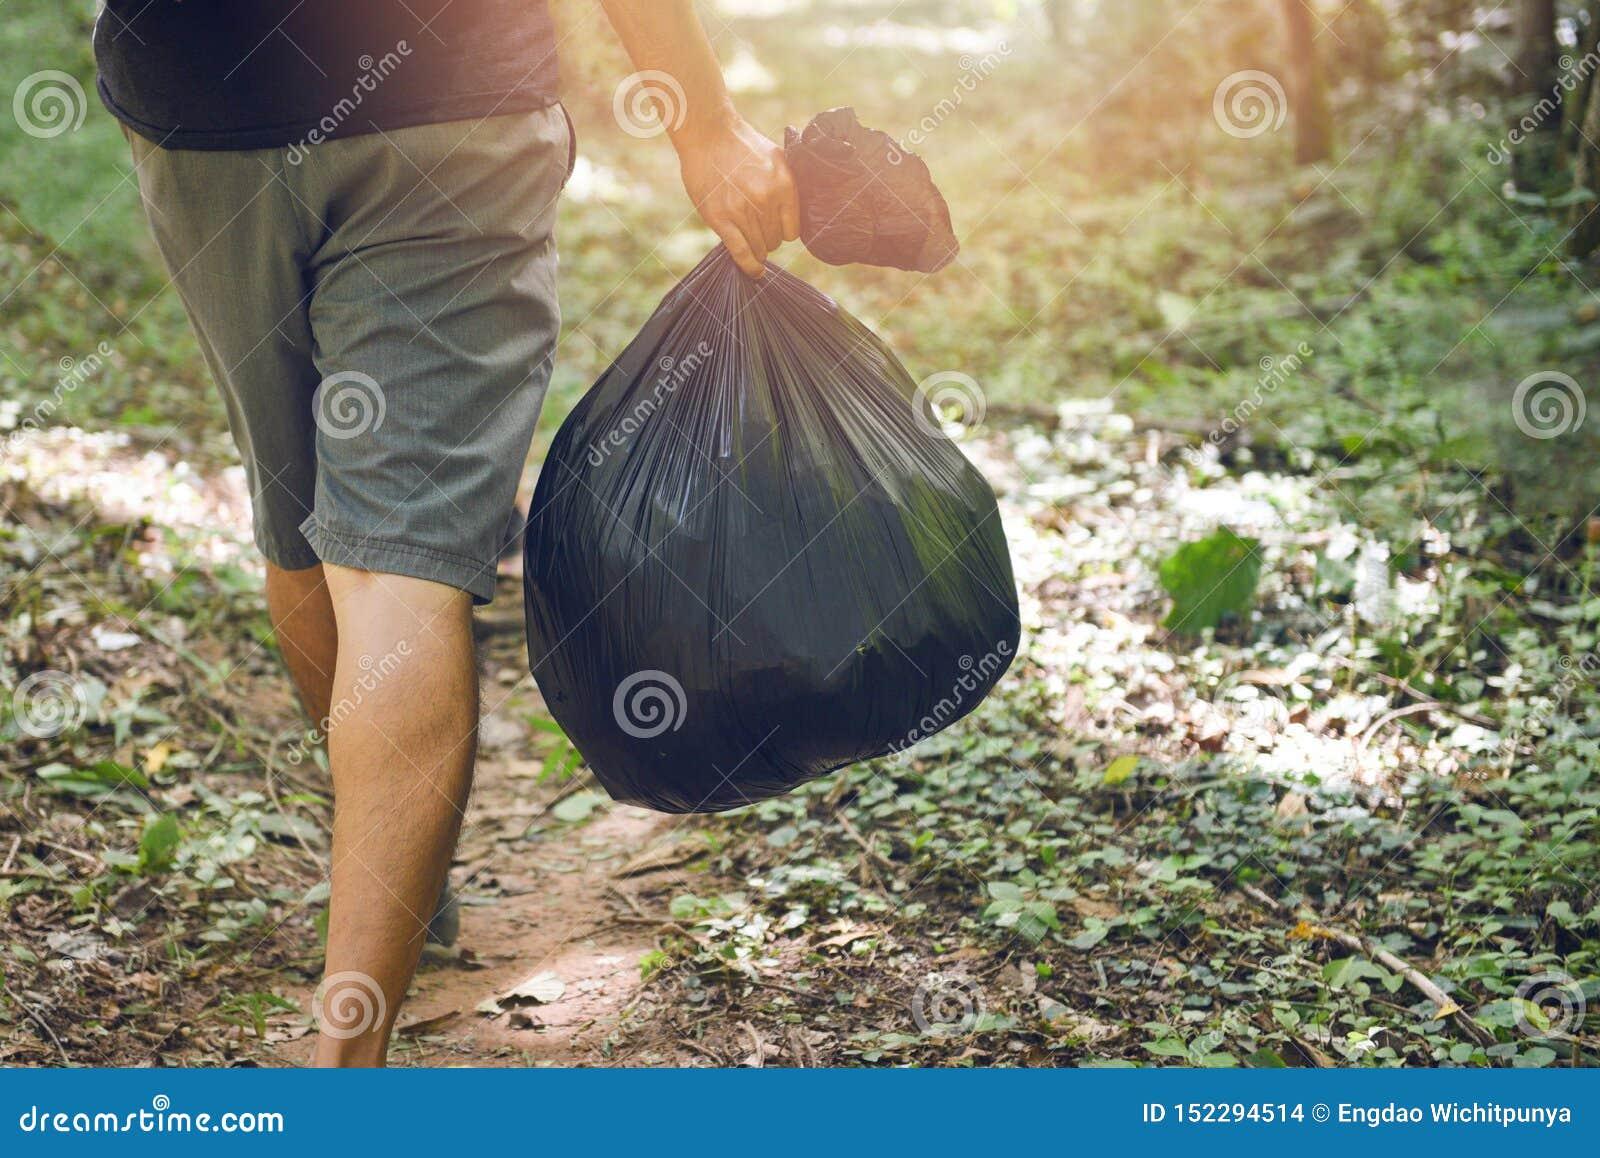 Povos da ecologia da recolha de lixo que limpam o parque - mão do homem que guarda sacos de lixo plásticos pretos na floresta, li